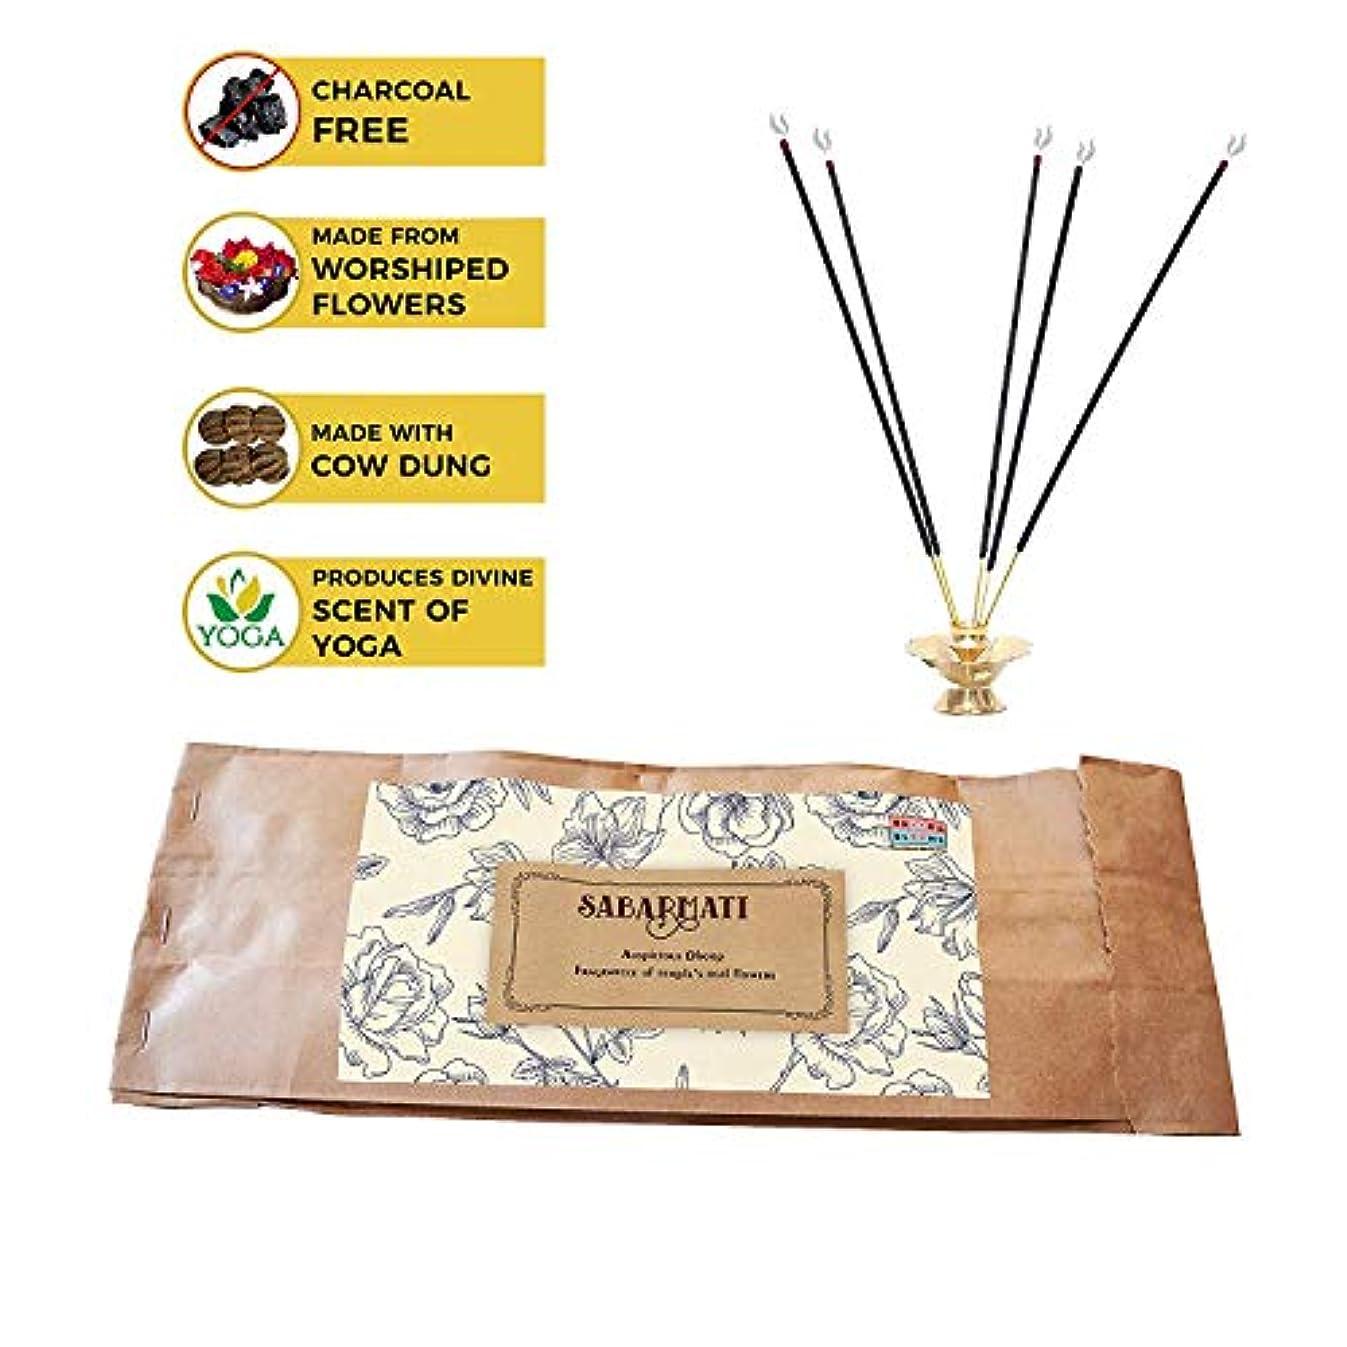 結婚した簿記係励起Brook and Blooms Oragnic and Non Toxic Natural Ayurvedic Incence Sticks/Agarbatti Stick Made of Upcycled Flower